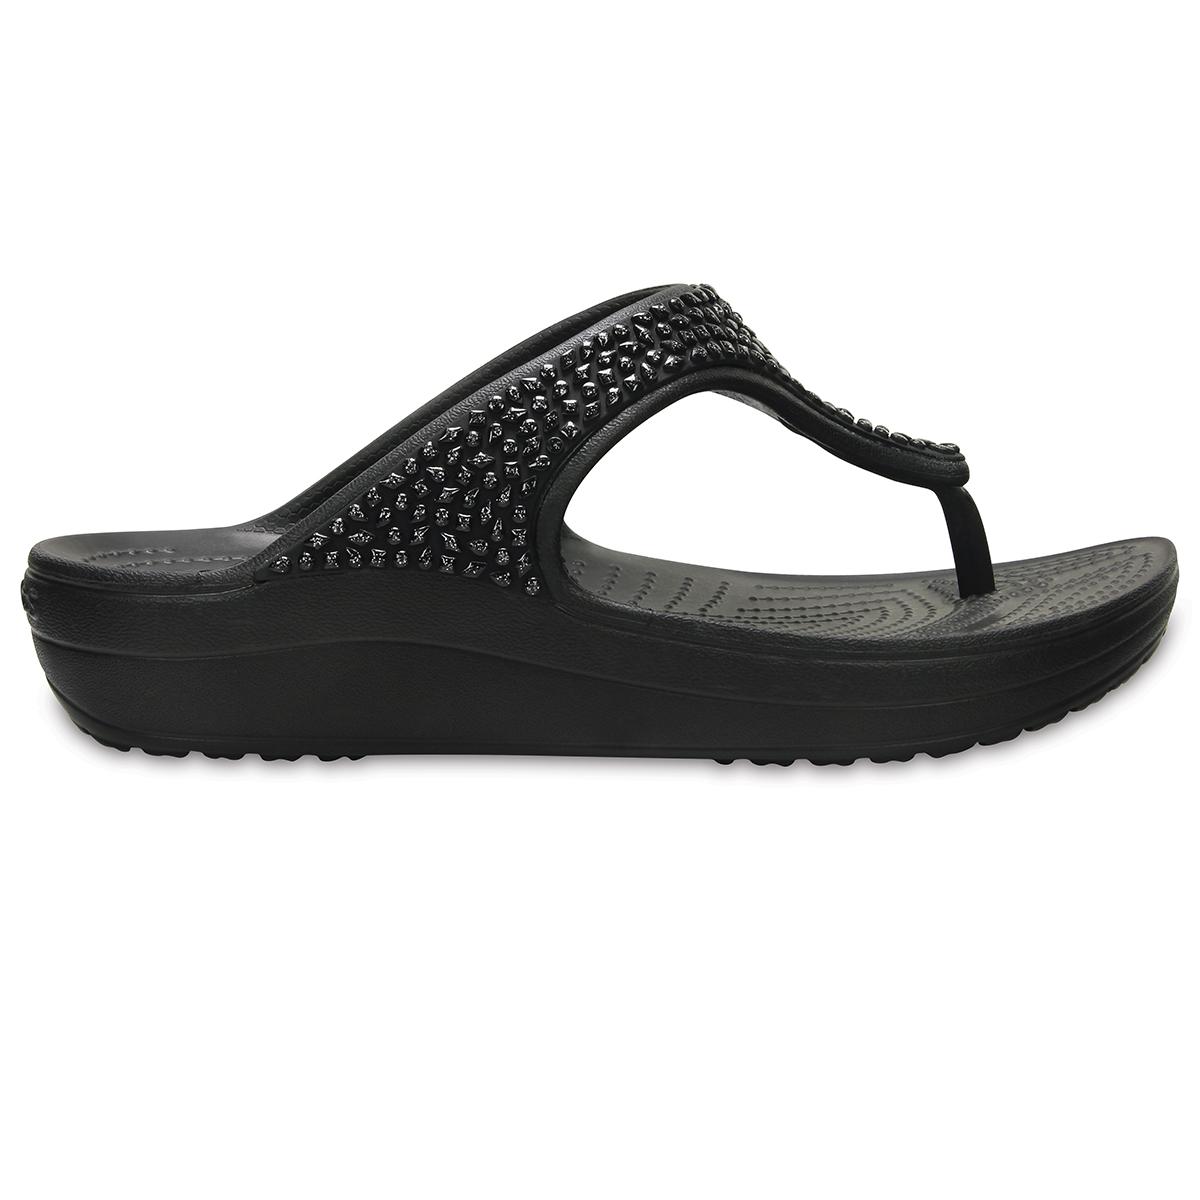 Crocs Sloane Embellished Flip - Siyah/Siyah